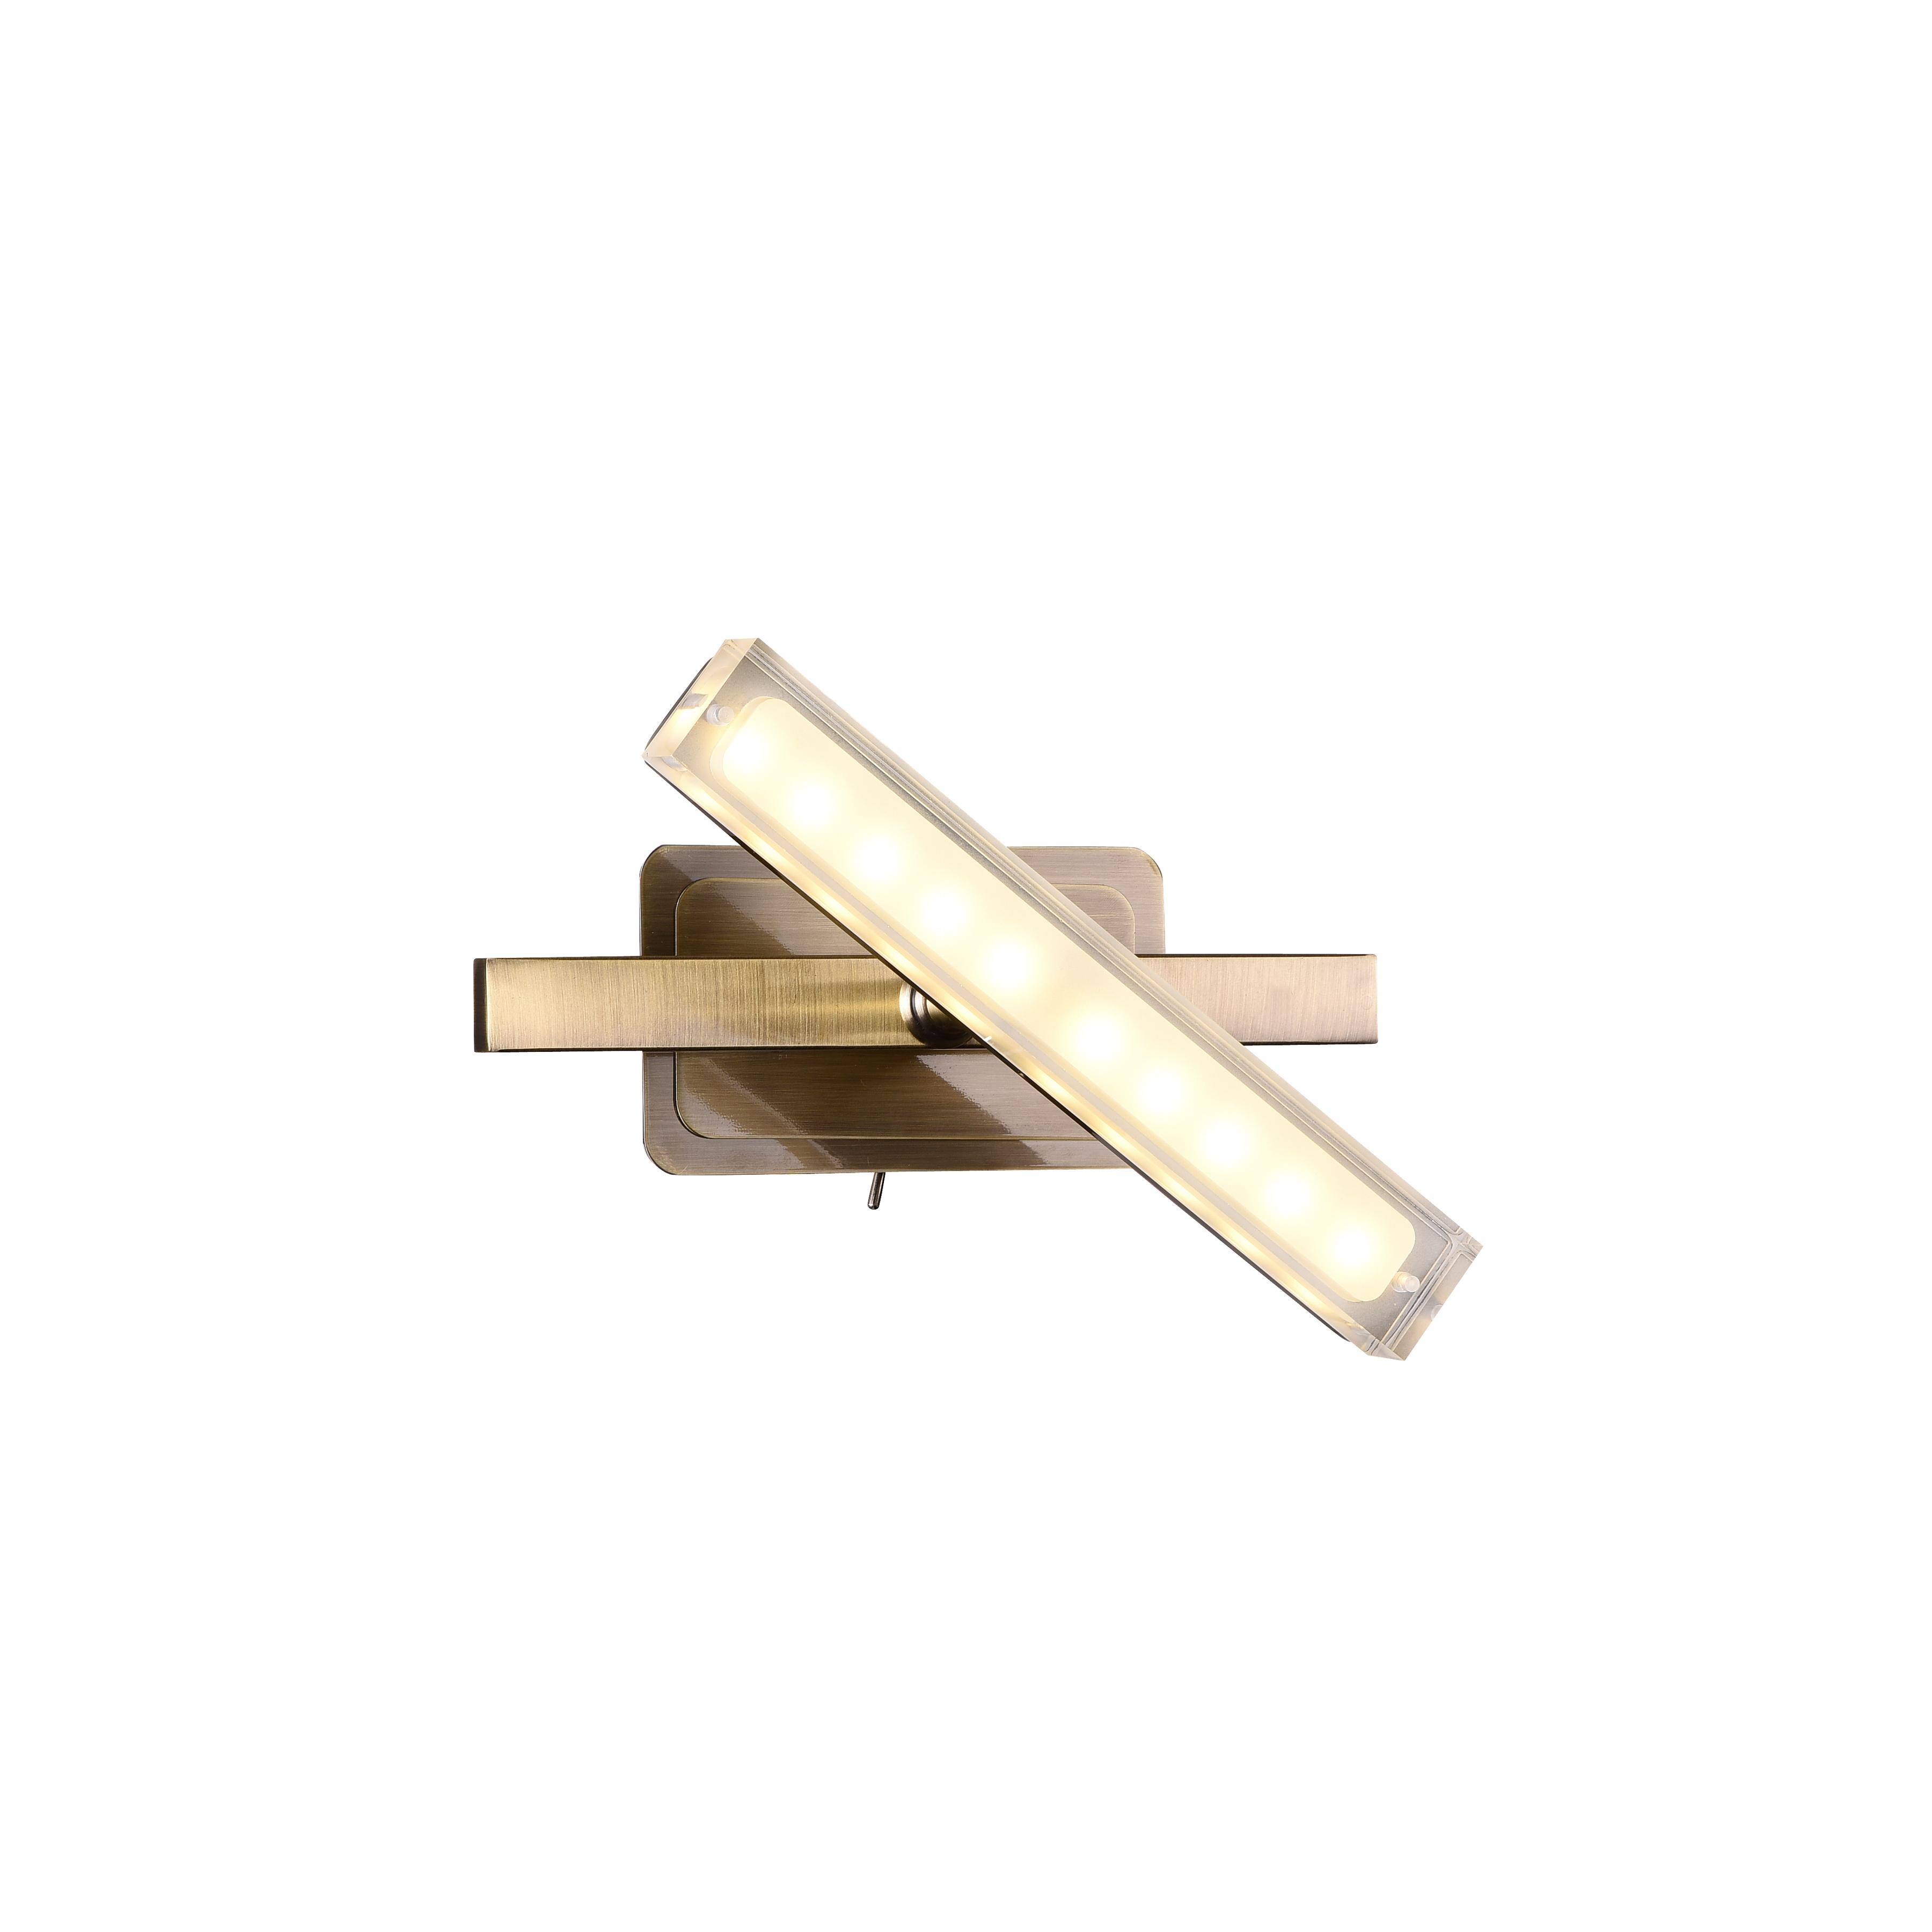 Спот RobertaСпоты<br>Светодиодный спот в стиле Хай-Тек. Спот с акриловым плафоном со встроенной светодиодной матрицей мощностью 5 W (Эквивалент лампы накаливания 33W). Цветовая температура 3000-3200К. <br>Спот  Roberta OldBronze снабжен шарнирным механизмом, позволяющий менять направление освещения. Спот имеет металлический выключатель на корпусе.<br>Спот поставляется в собранном виде и имеет в комплекте все необходимые для монтажа крепежные элементы.&amp;lt;div&amp;gt;&amp;lt;br&amp;gt;&amp;lt;/div&amp;gt;&amp;lt;div&amp;gt;&amp;lt;div&amp;gt;Цоколь: LED&amp;lt;/div&amp;gt;&amp;lt;div&amp;gt;Мощность лампы: 5W&amp;lt;/div&amp;gt;&amp;lt;div&amp;gt;Количество ламп: 1&amp;lt;/div&amp;gt;&amp;lt;/div&amp;gt;<br><br>Material: Металл<br>Ширина см: 20<br>Высота см: 11<br>Глубина см: 11